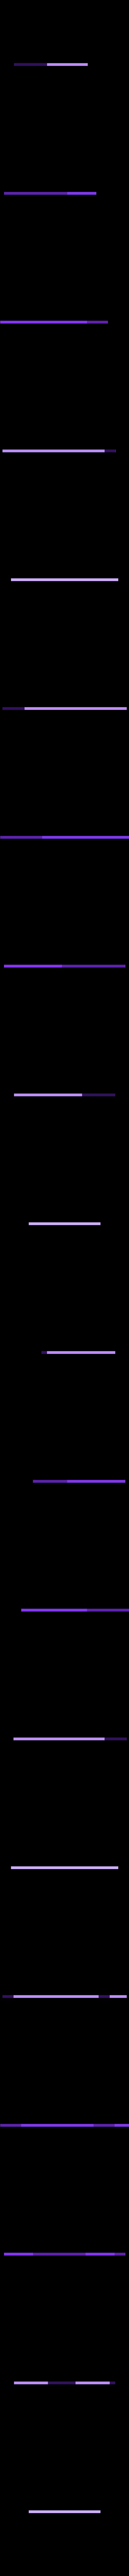 40k_9th_ed_measure_tool_-_Imperial_Aquila_v1.stl Télécharger fichier STL gratuit Un outil de mesure rigide Warhammer 40k pour la 9ème édition • Objet pour imprimante 3D, seanbaker408